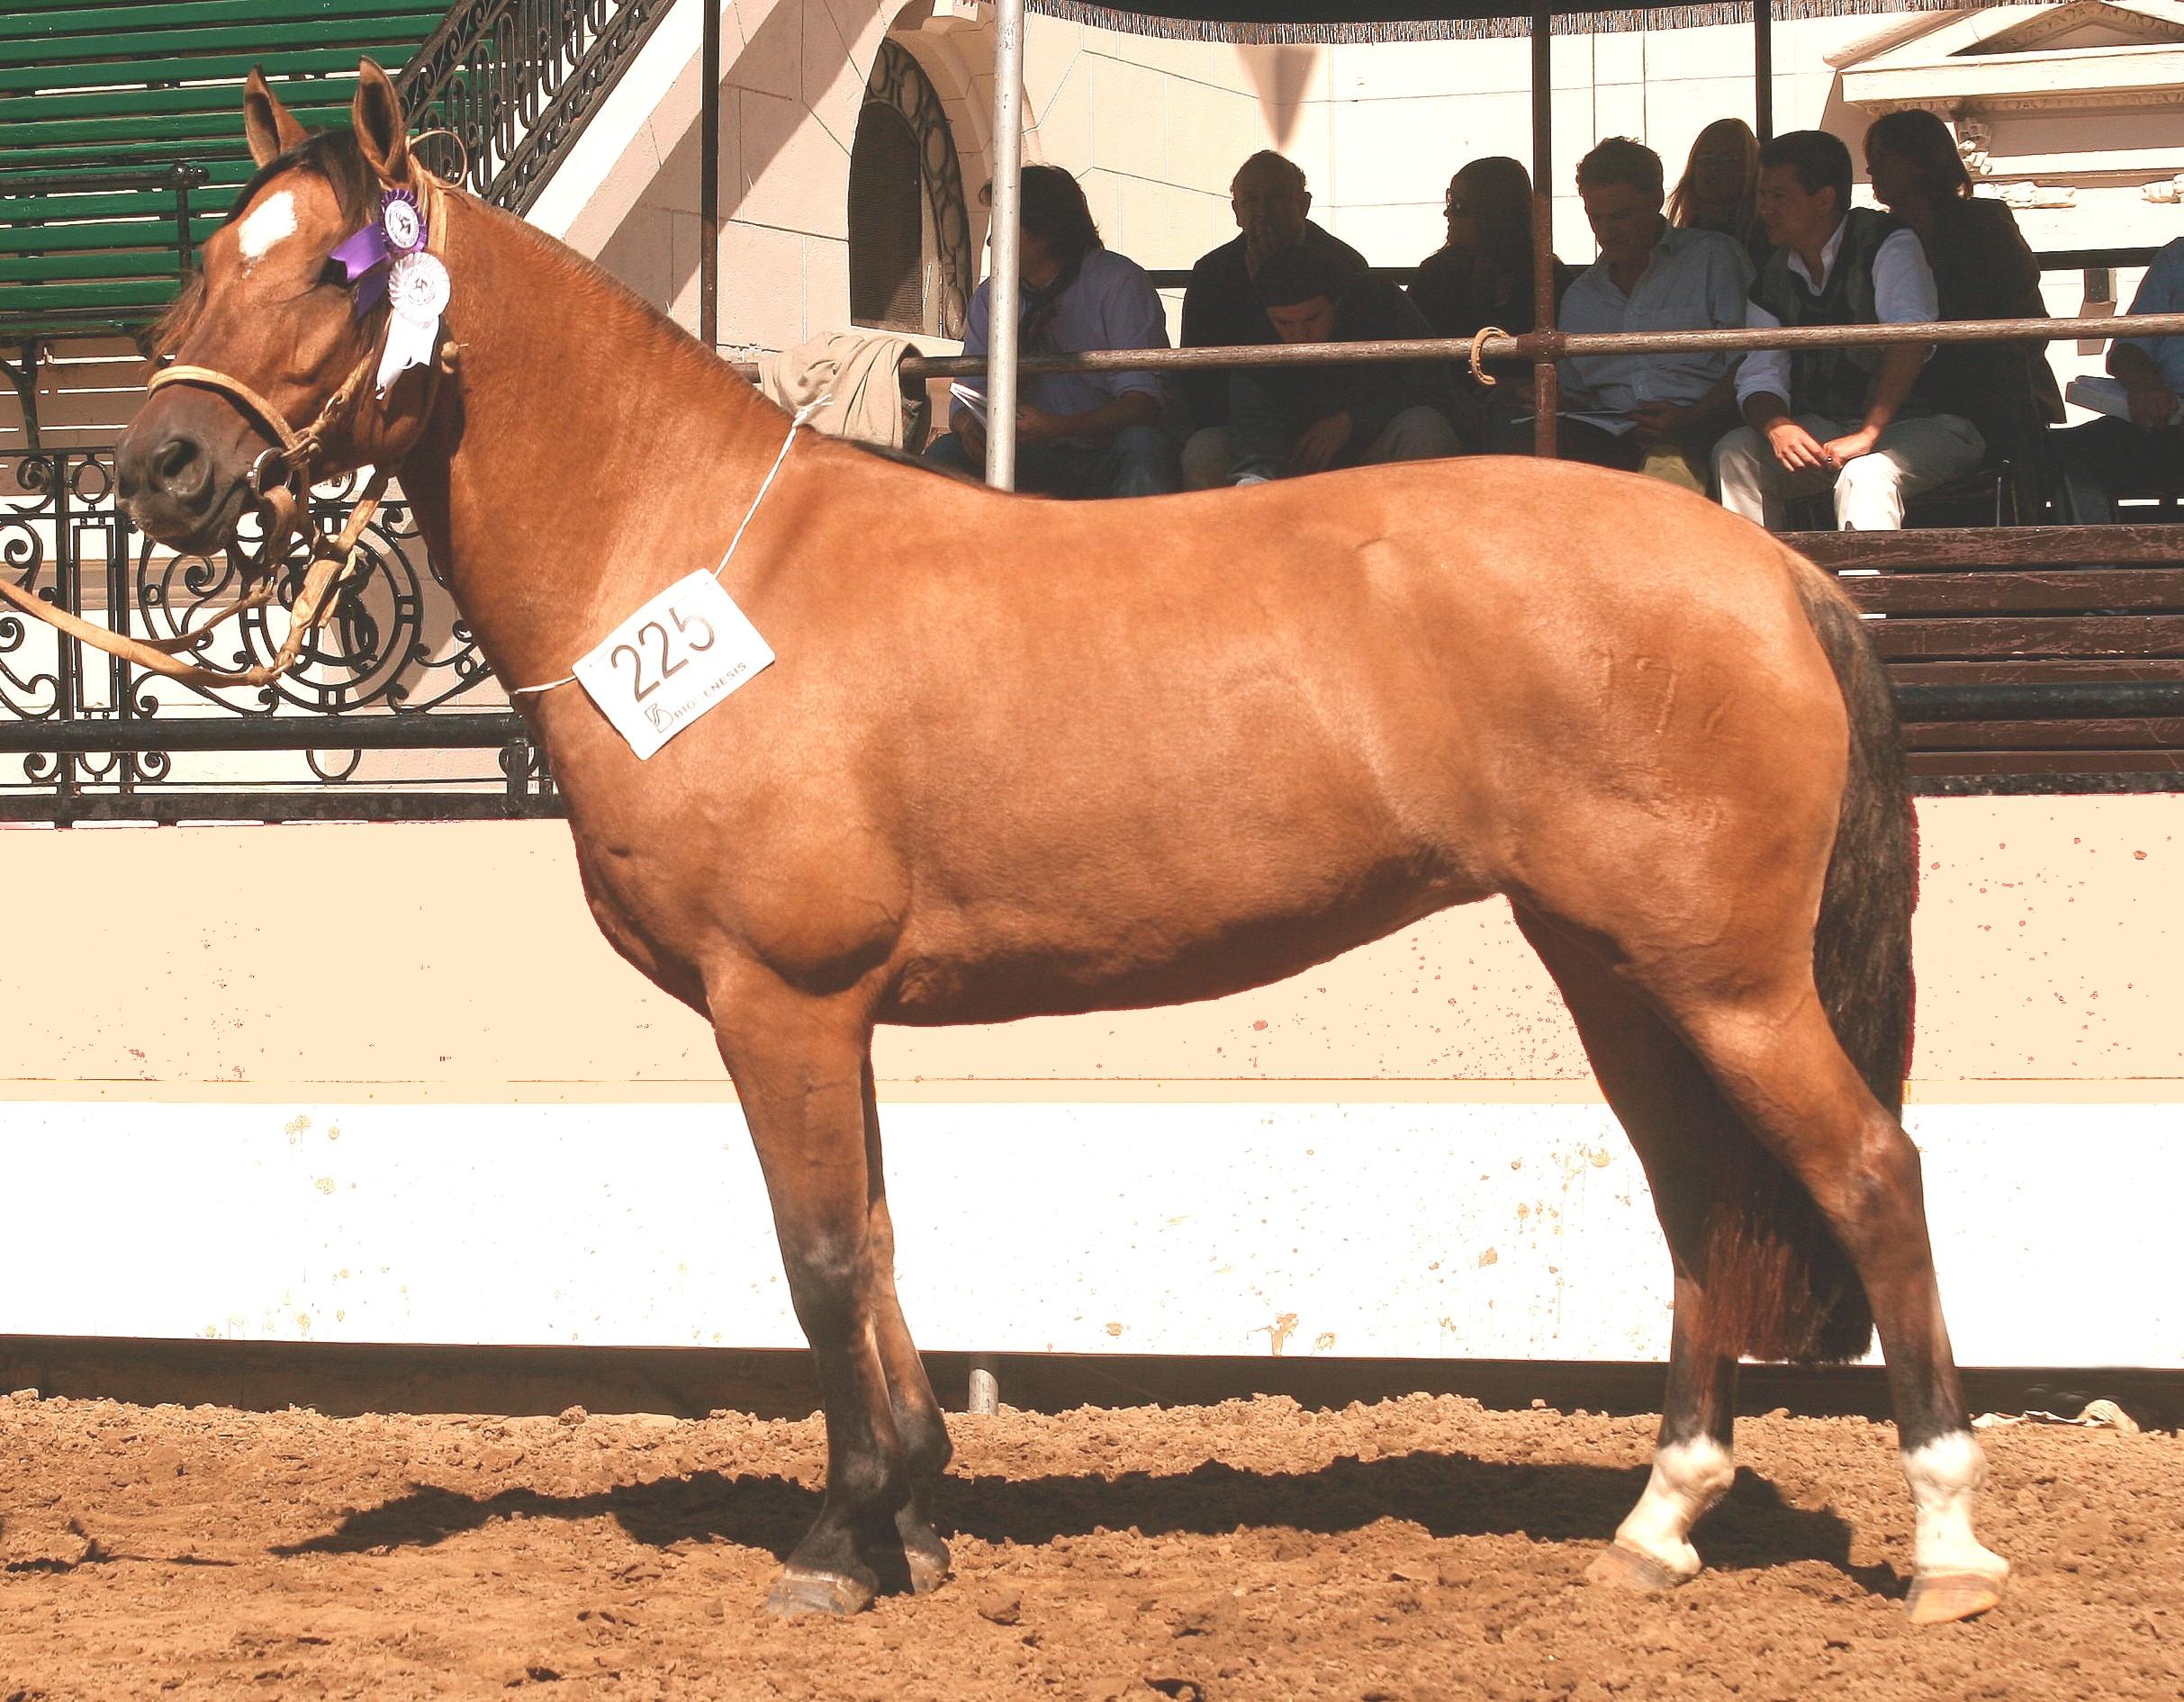 Kólika lovaknál: tünetek, megelőzés, teendők